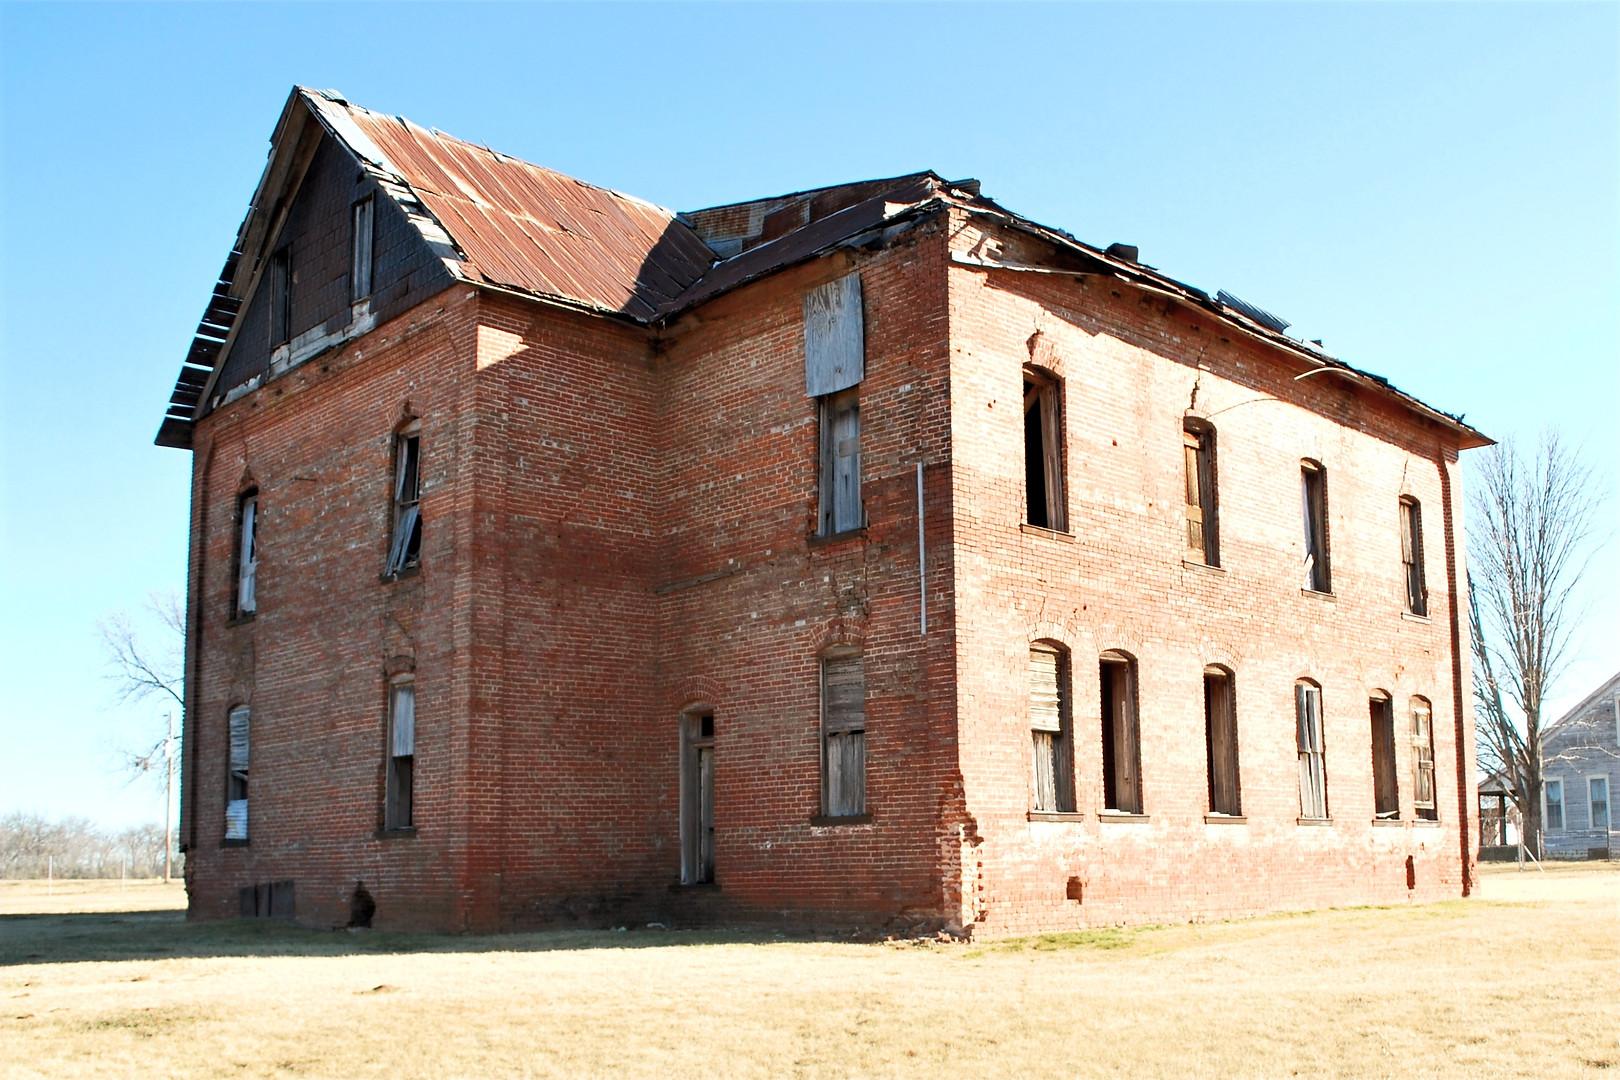 Burney Institute